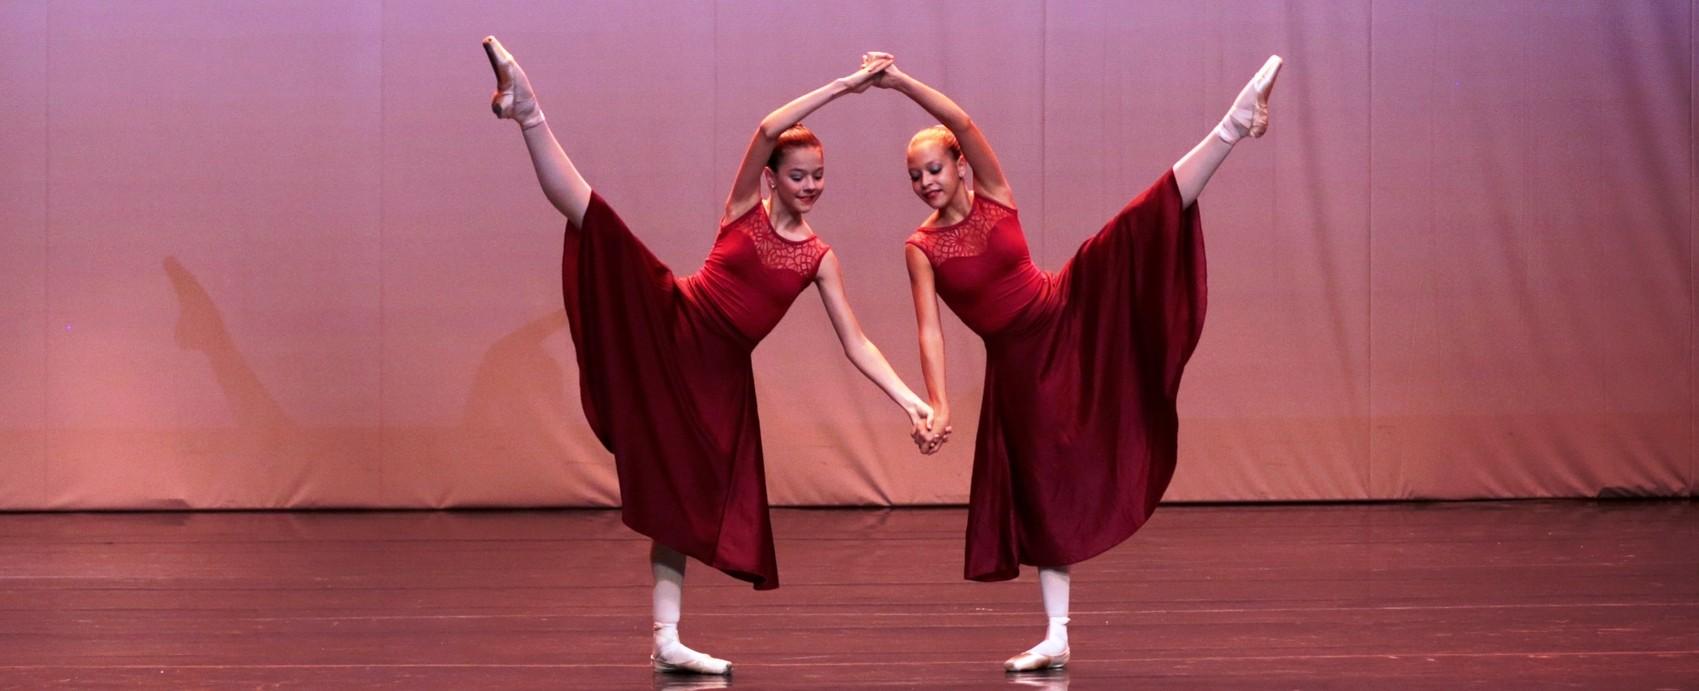 La Academia de Ballet de Moscú hará una muestra hoy viernes